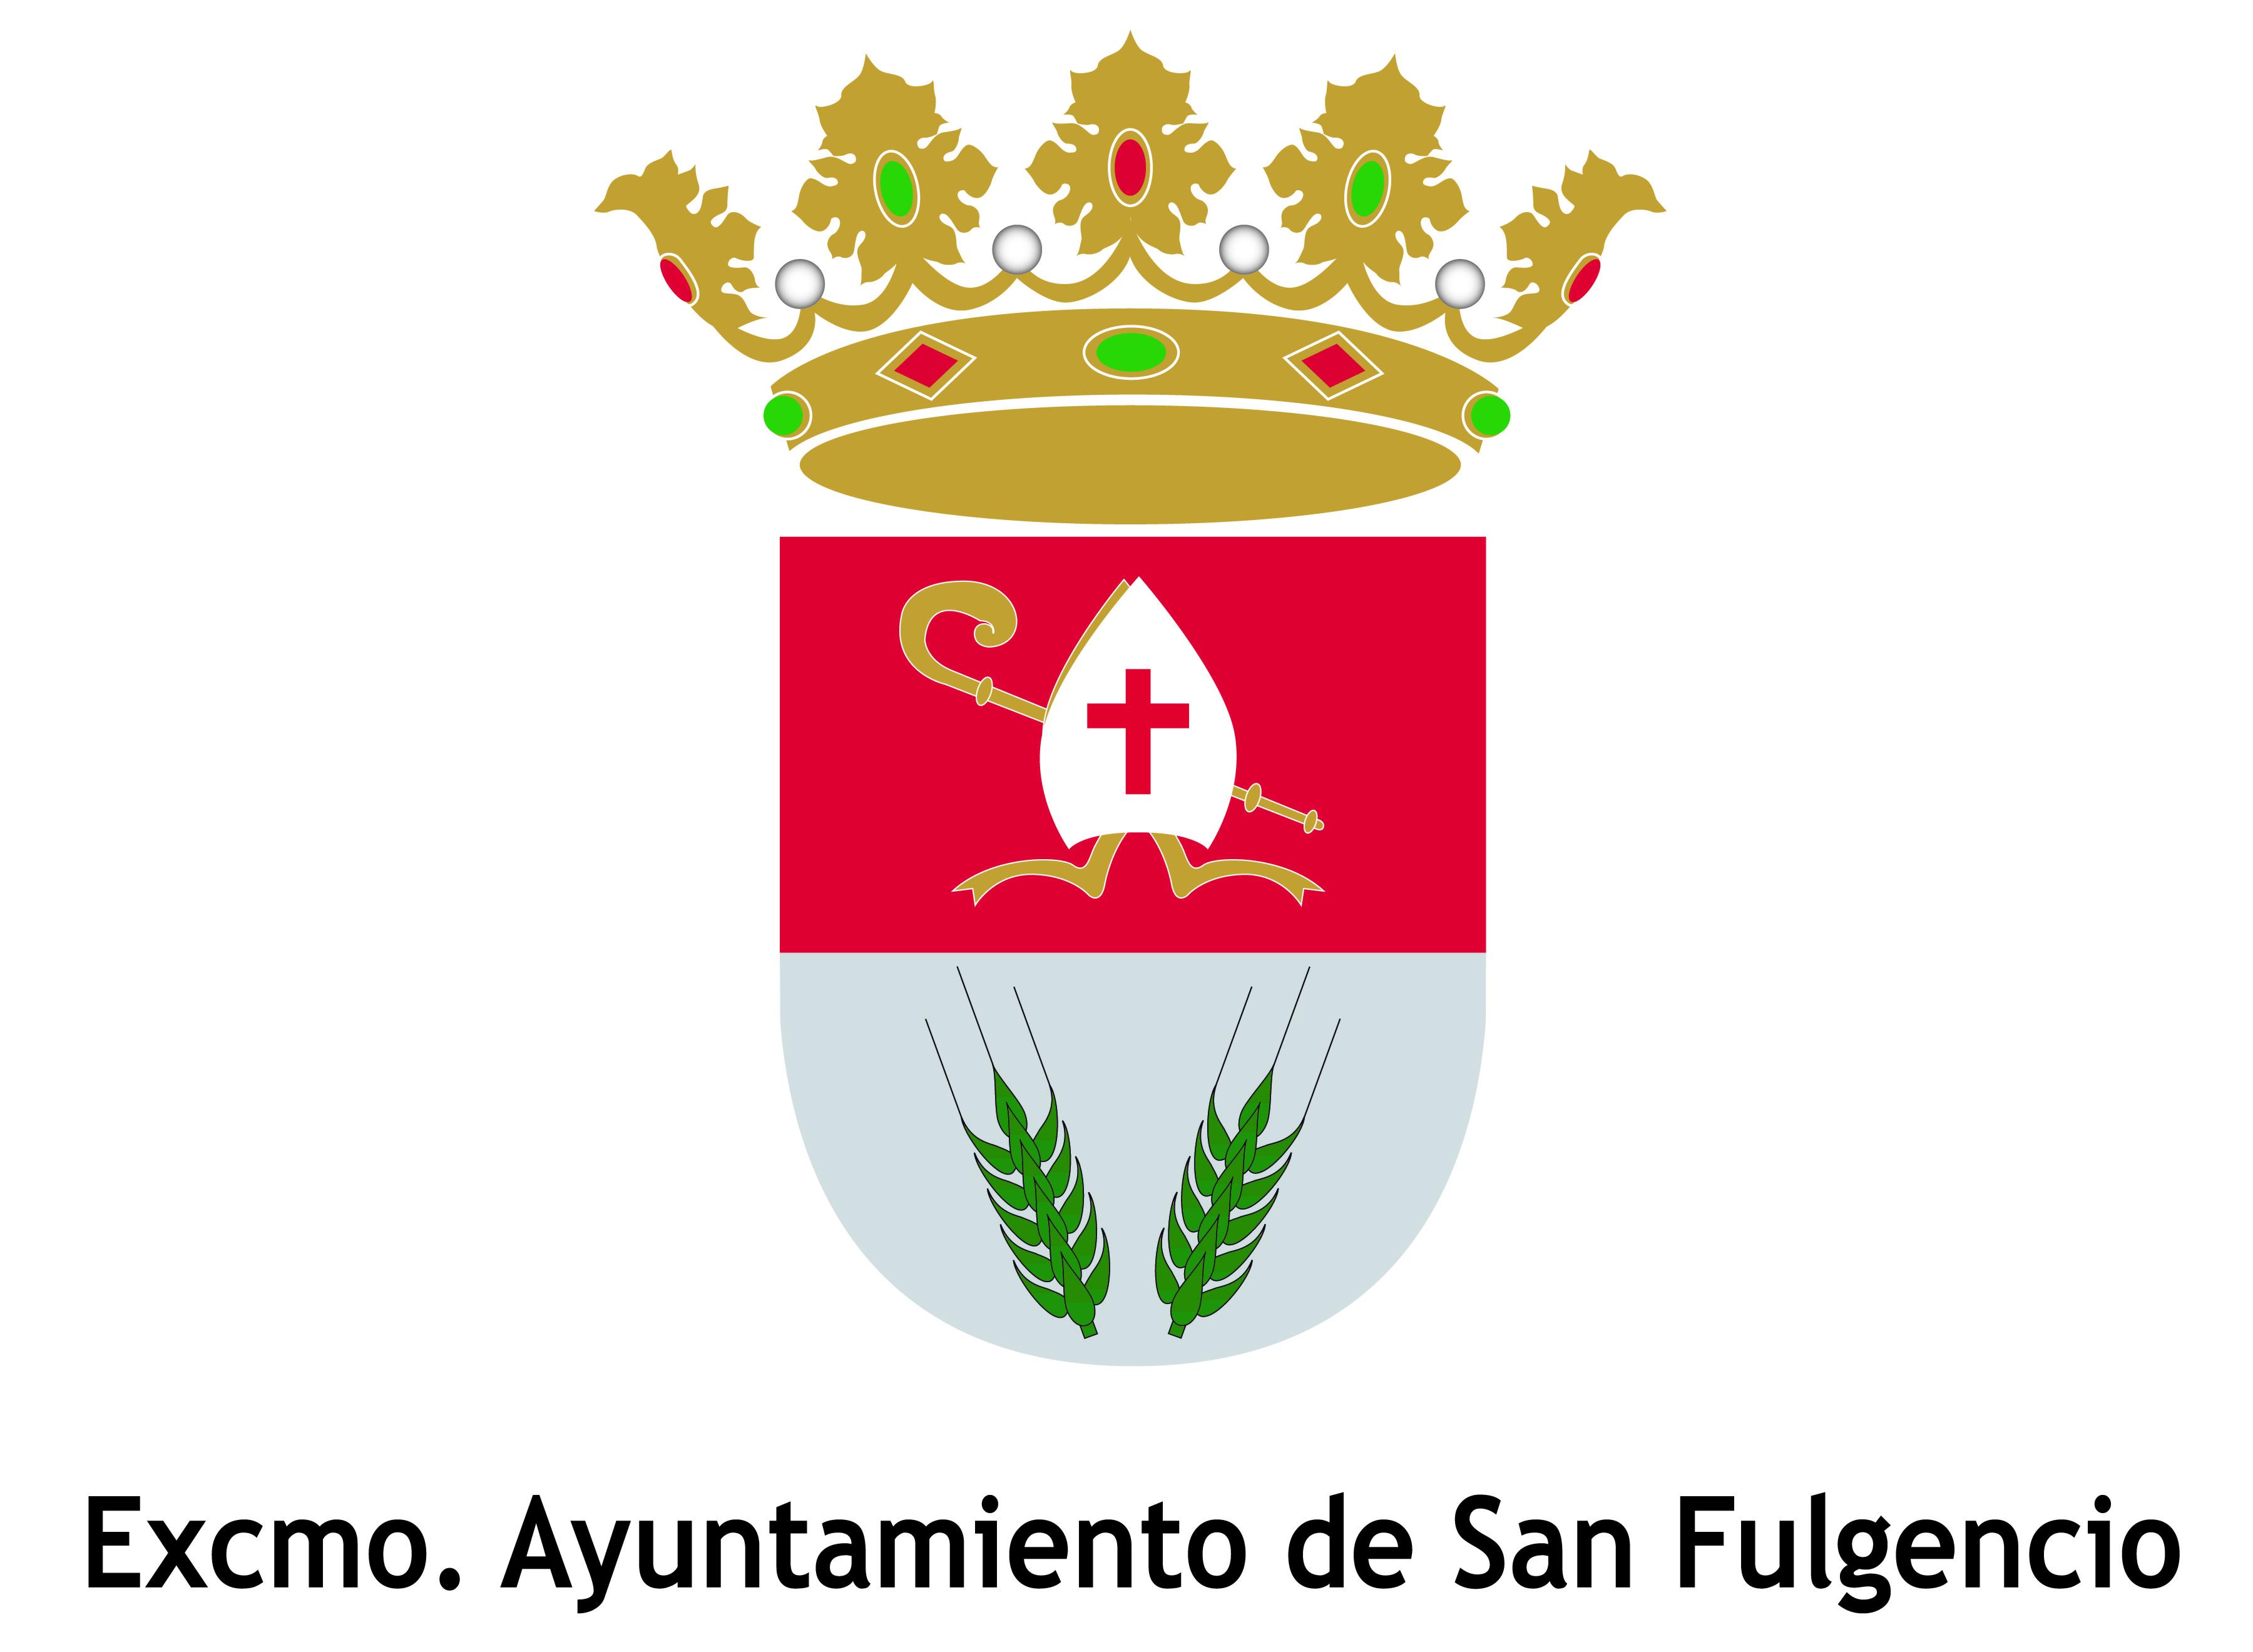 Ayuntamiento de San Fulgencio